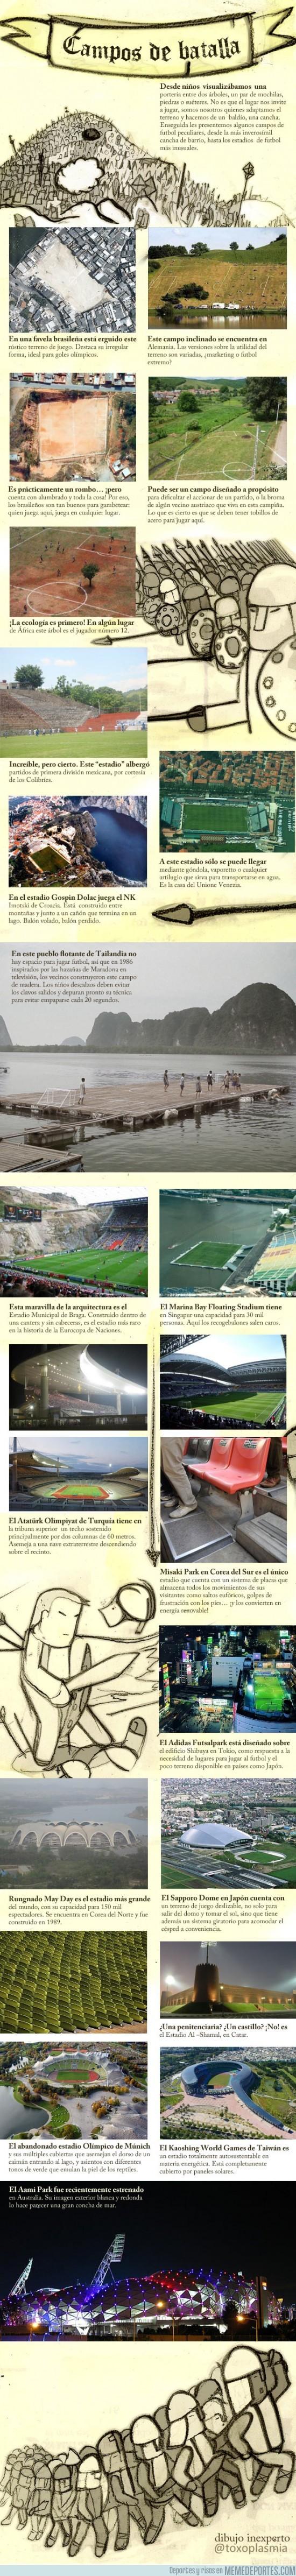 42929 - Los más extraños campos de fútbol